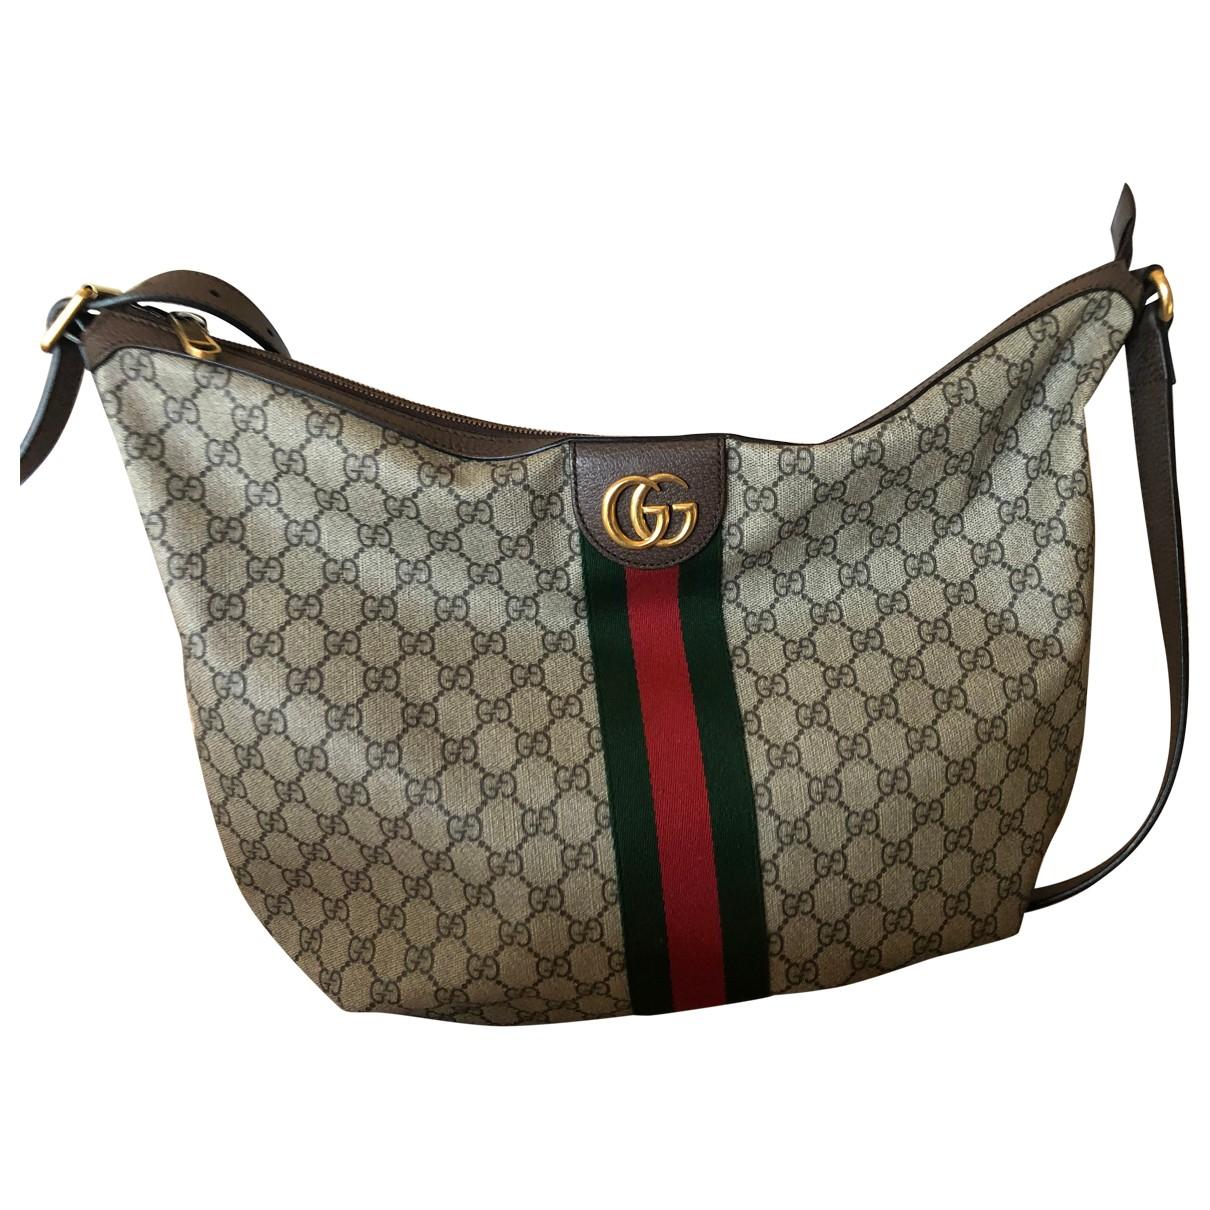 Gucci Ophidia Beige Cloth handbag for Women N